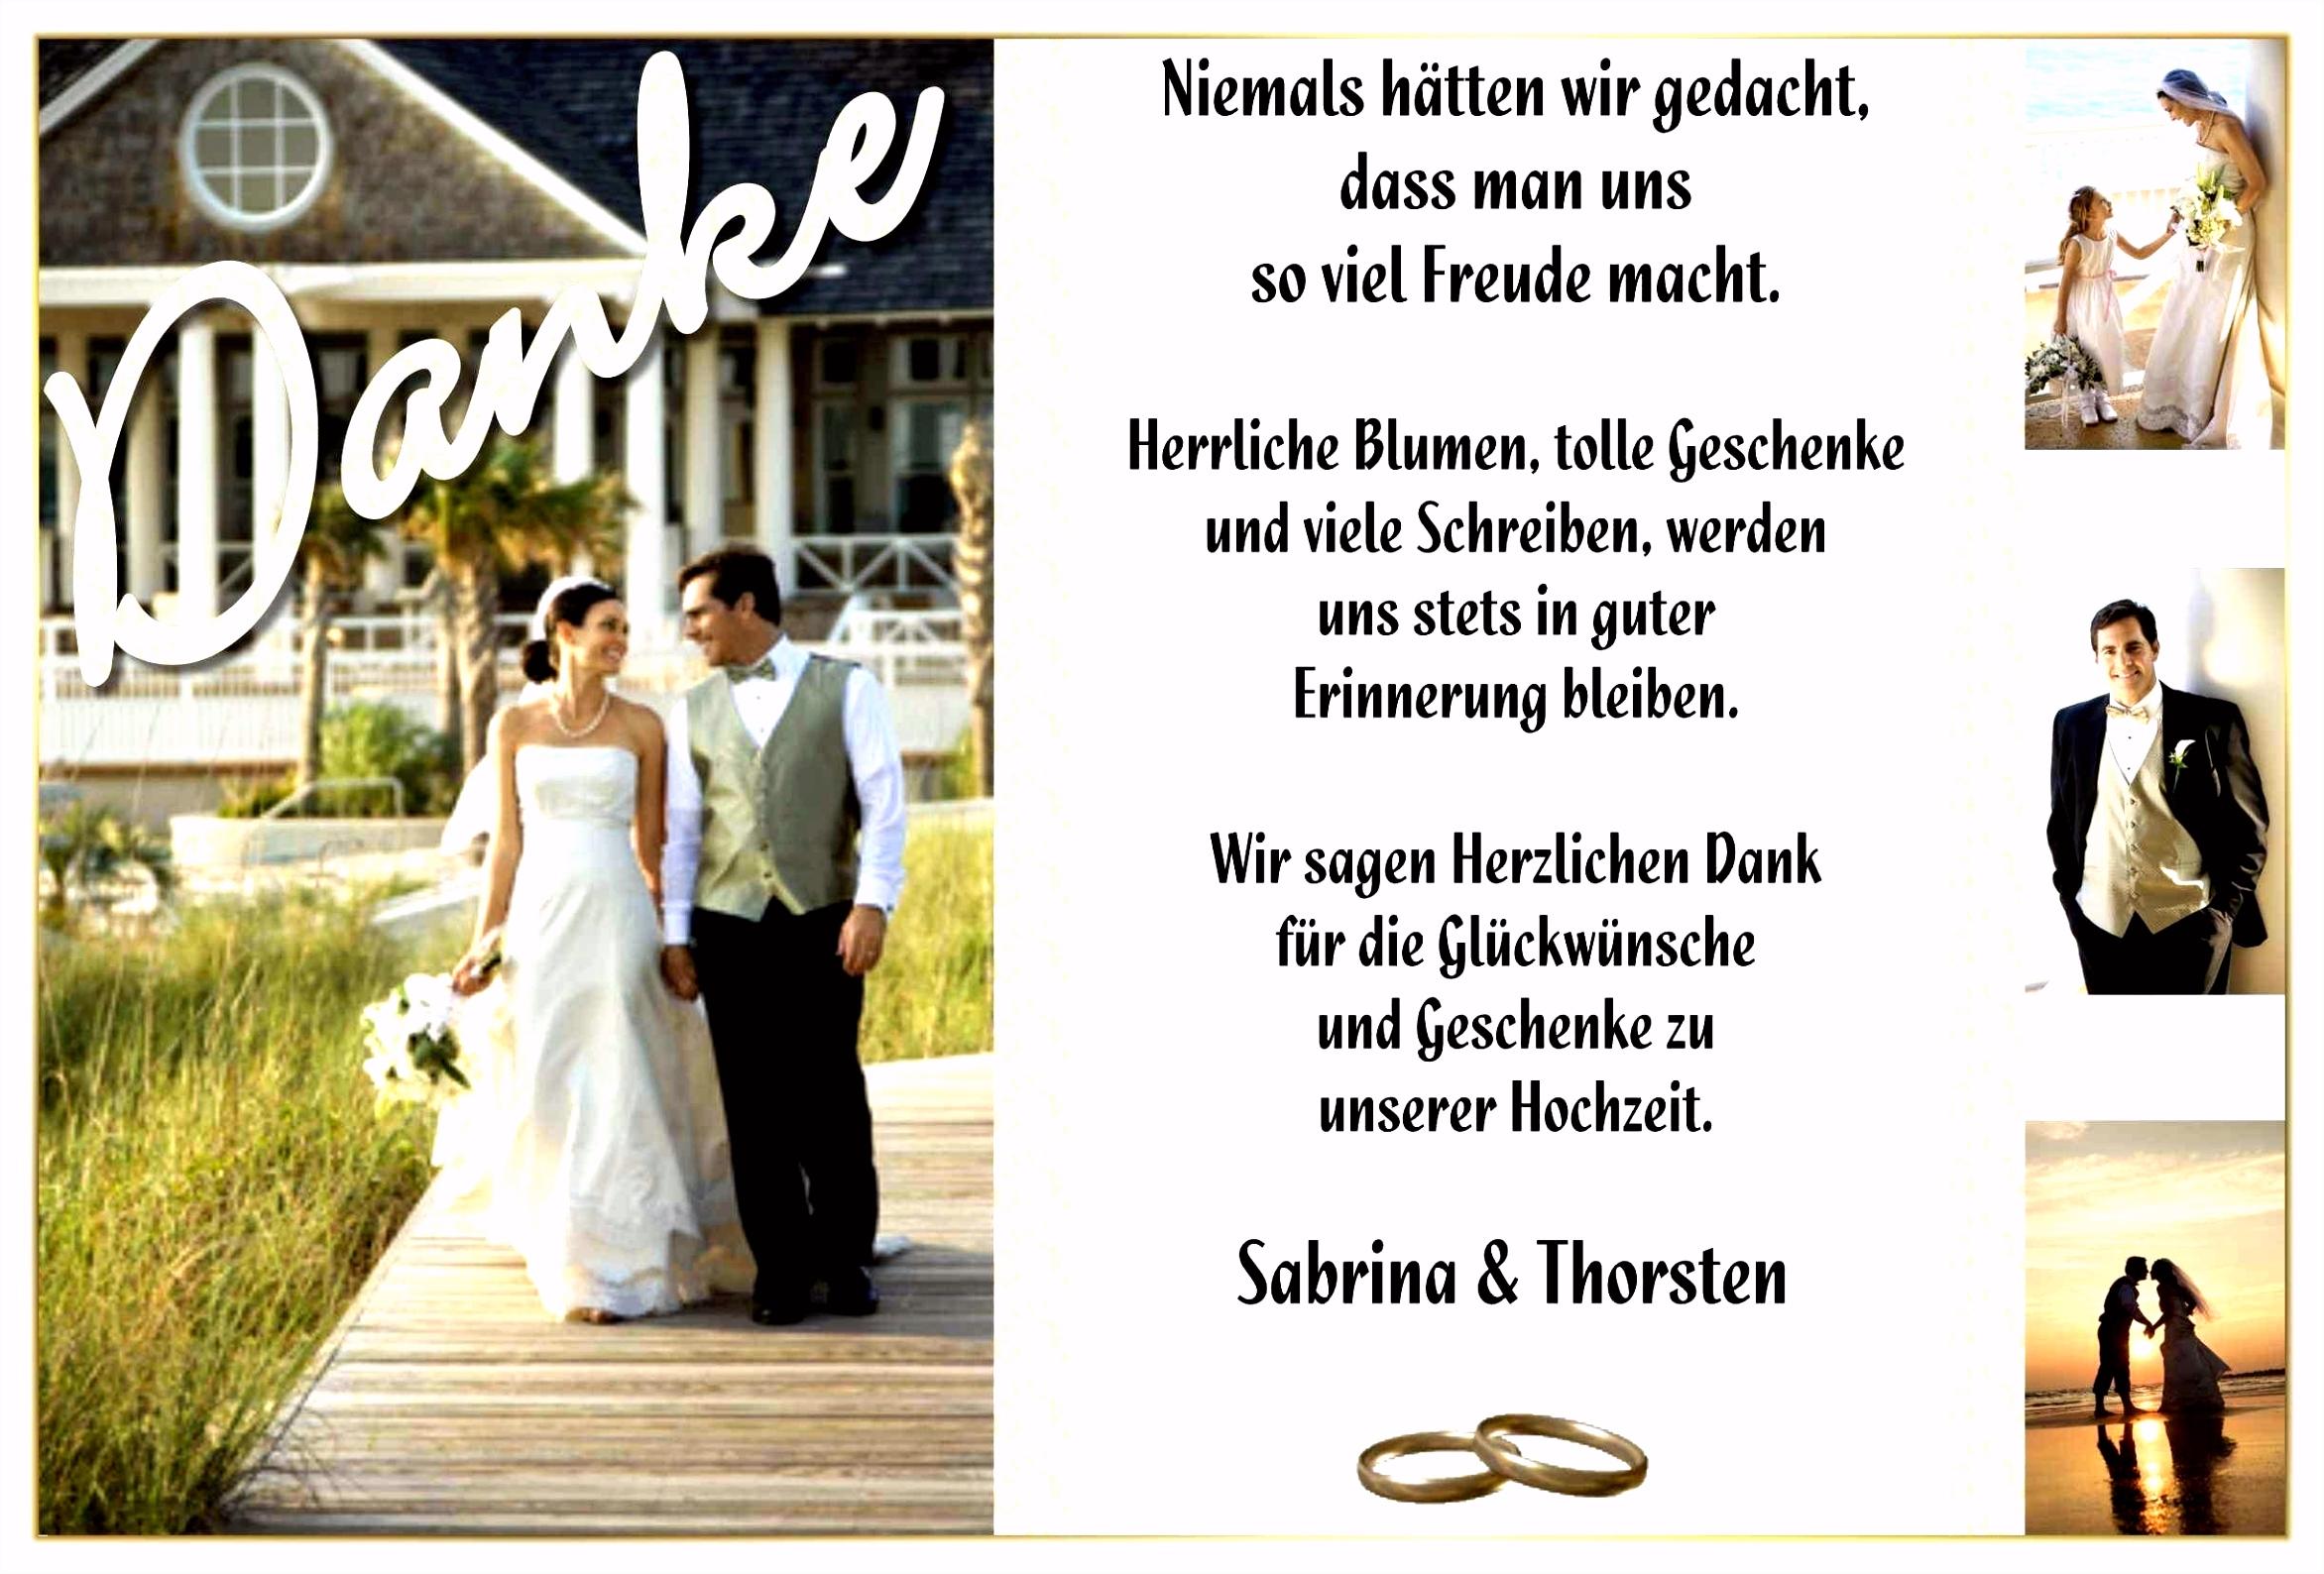 Vorlage Danksagung Danksagung Trauerfall Vorlage Best Danksagung Trauer Text Schön T8nm75esc5 B0ewuhk4t6